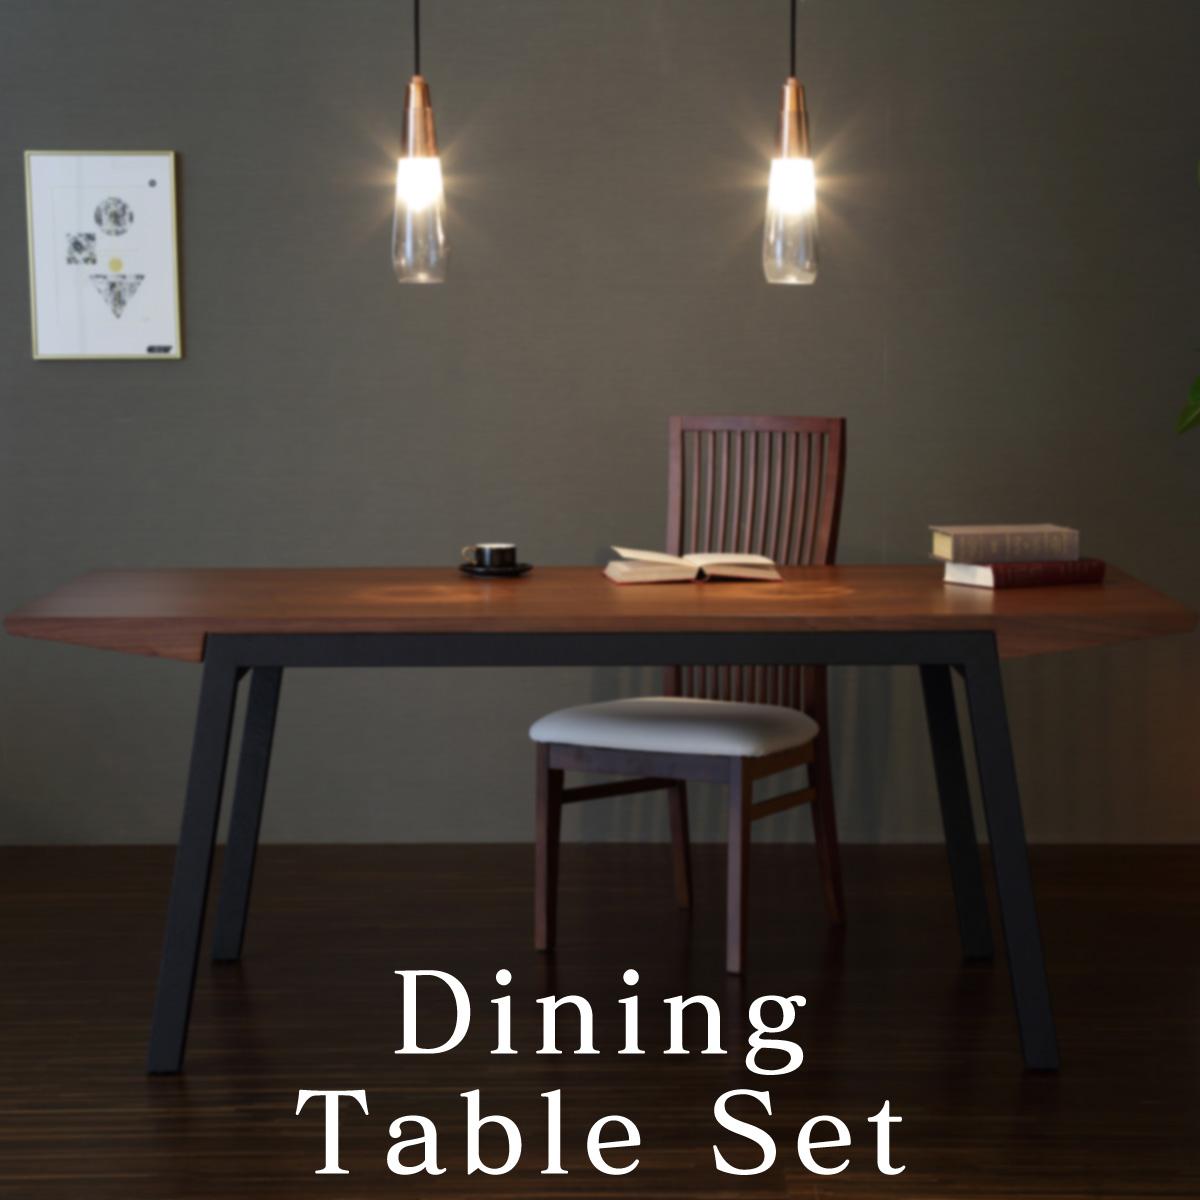 ダイニングテーブルセット 4人掛け 幅150cm ダイニング テーブル 合皮 食卓 食卓テーブル シンプル インテリア 家具 北欧 ナチュラル モダン クラスティーナ ウォールナット マットブラック おしゃれ 木製 木材 3年保証